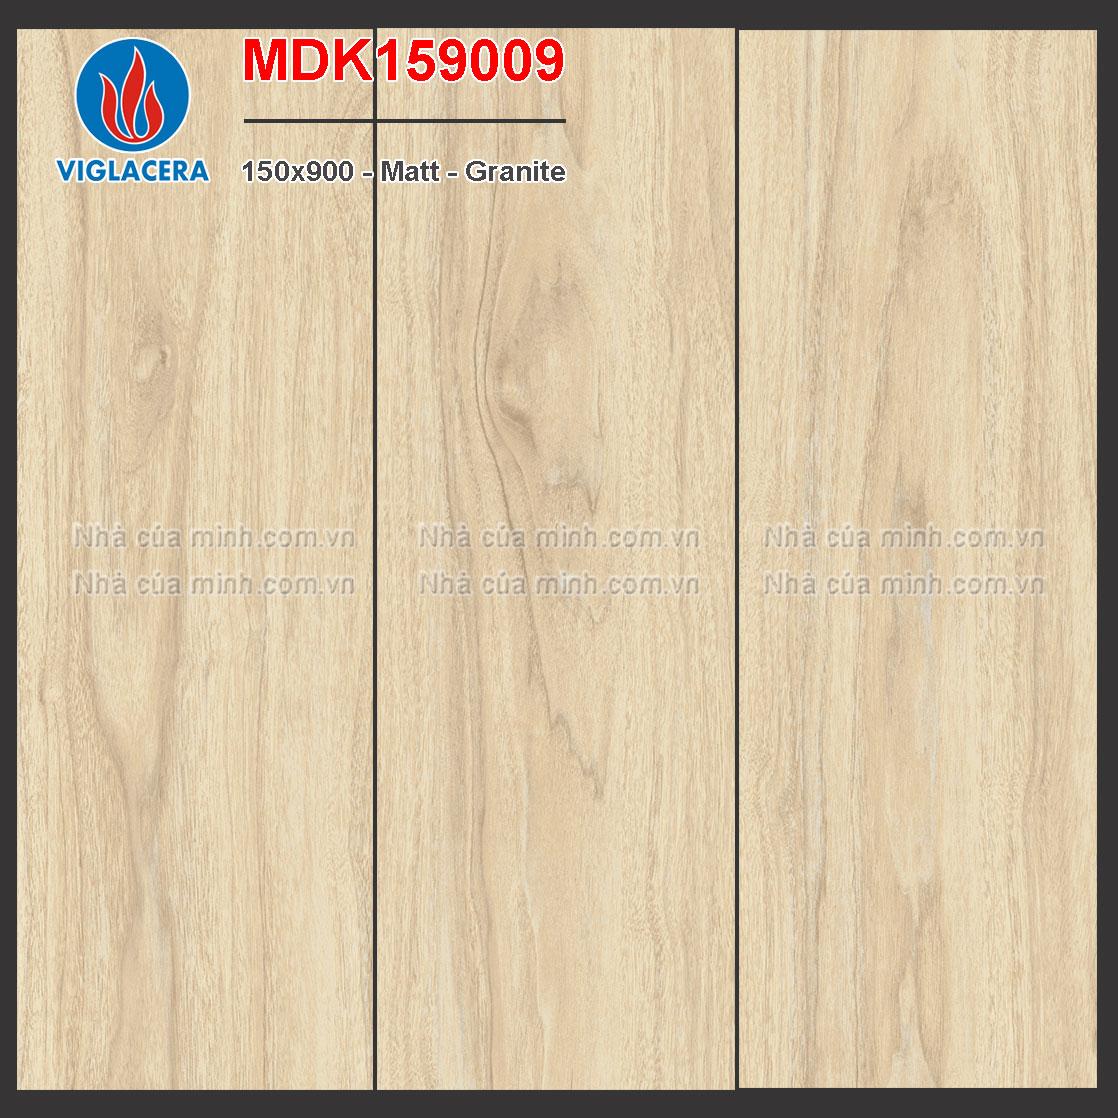 Gạch giả gỗ 150x900 Viglacera MDK159009 giá rẻ